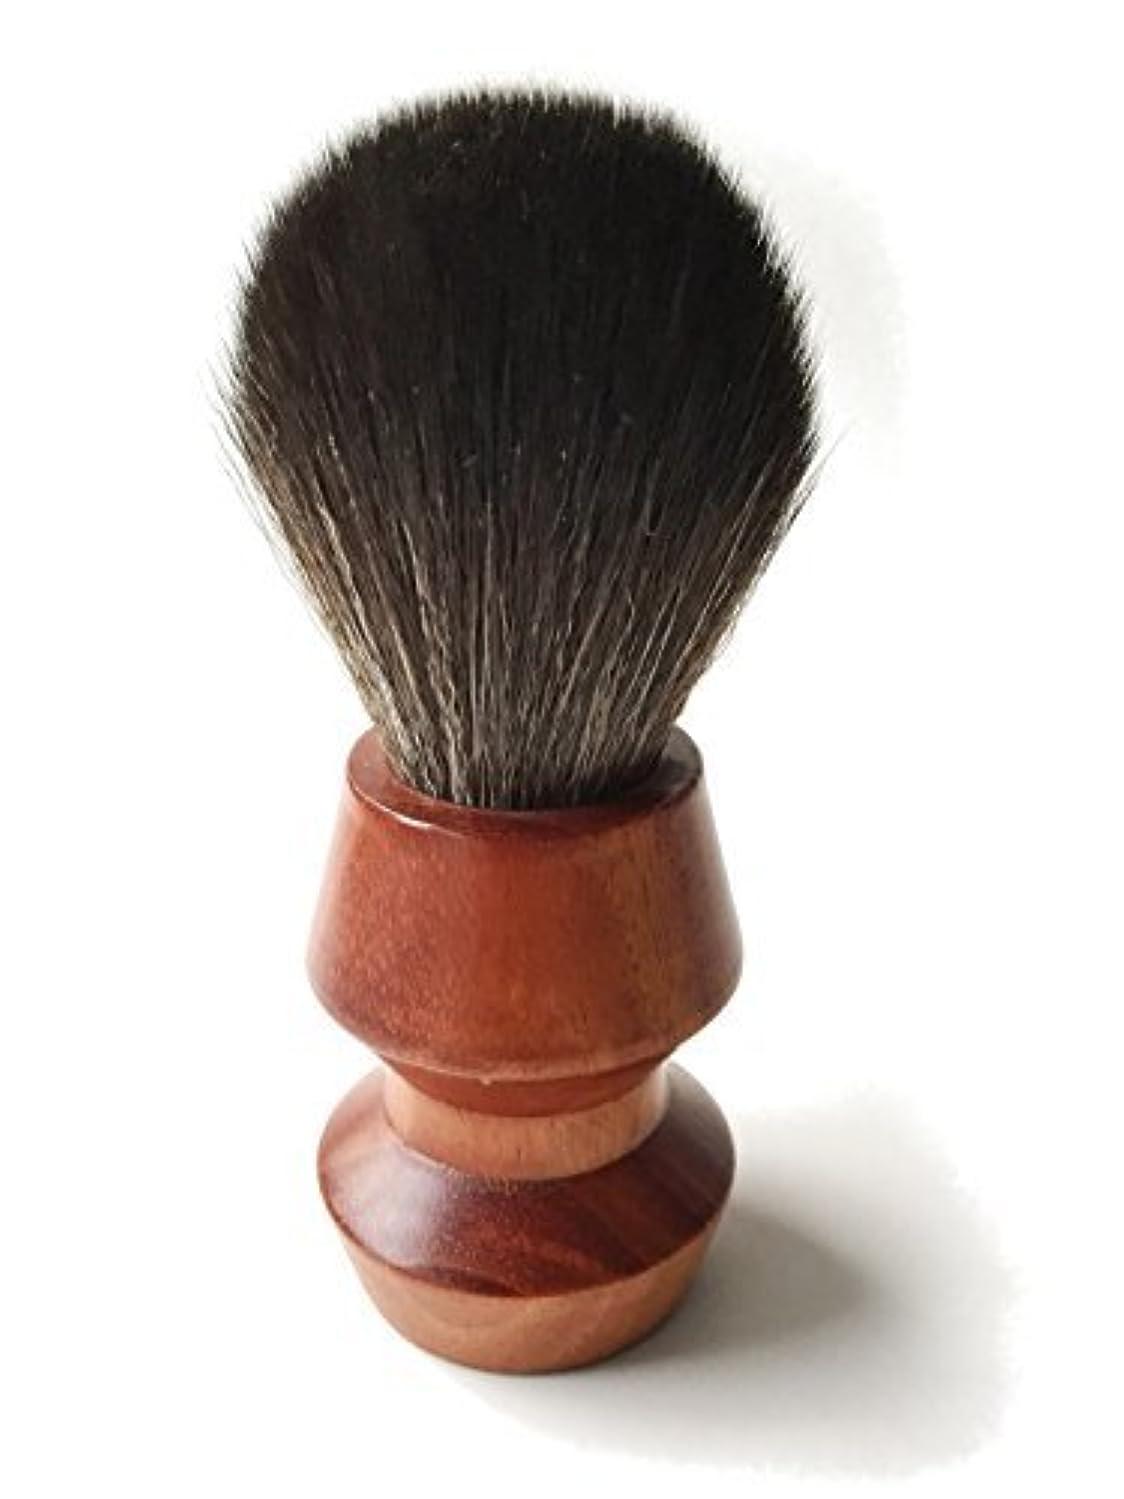 敵対的象繁殖Paragon Shaving Brush - Luxury Handcrafted Soft Black Synthetic Fibers in Solid Mahogany Handle [並行輸入品]